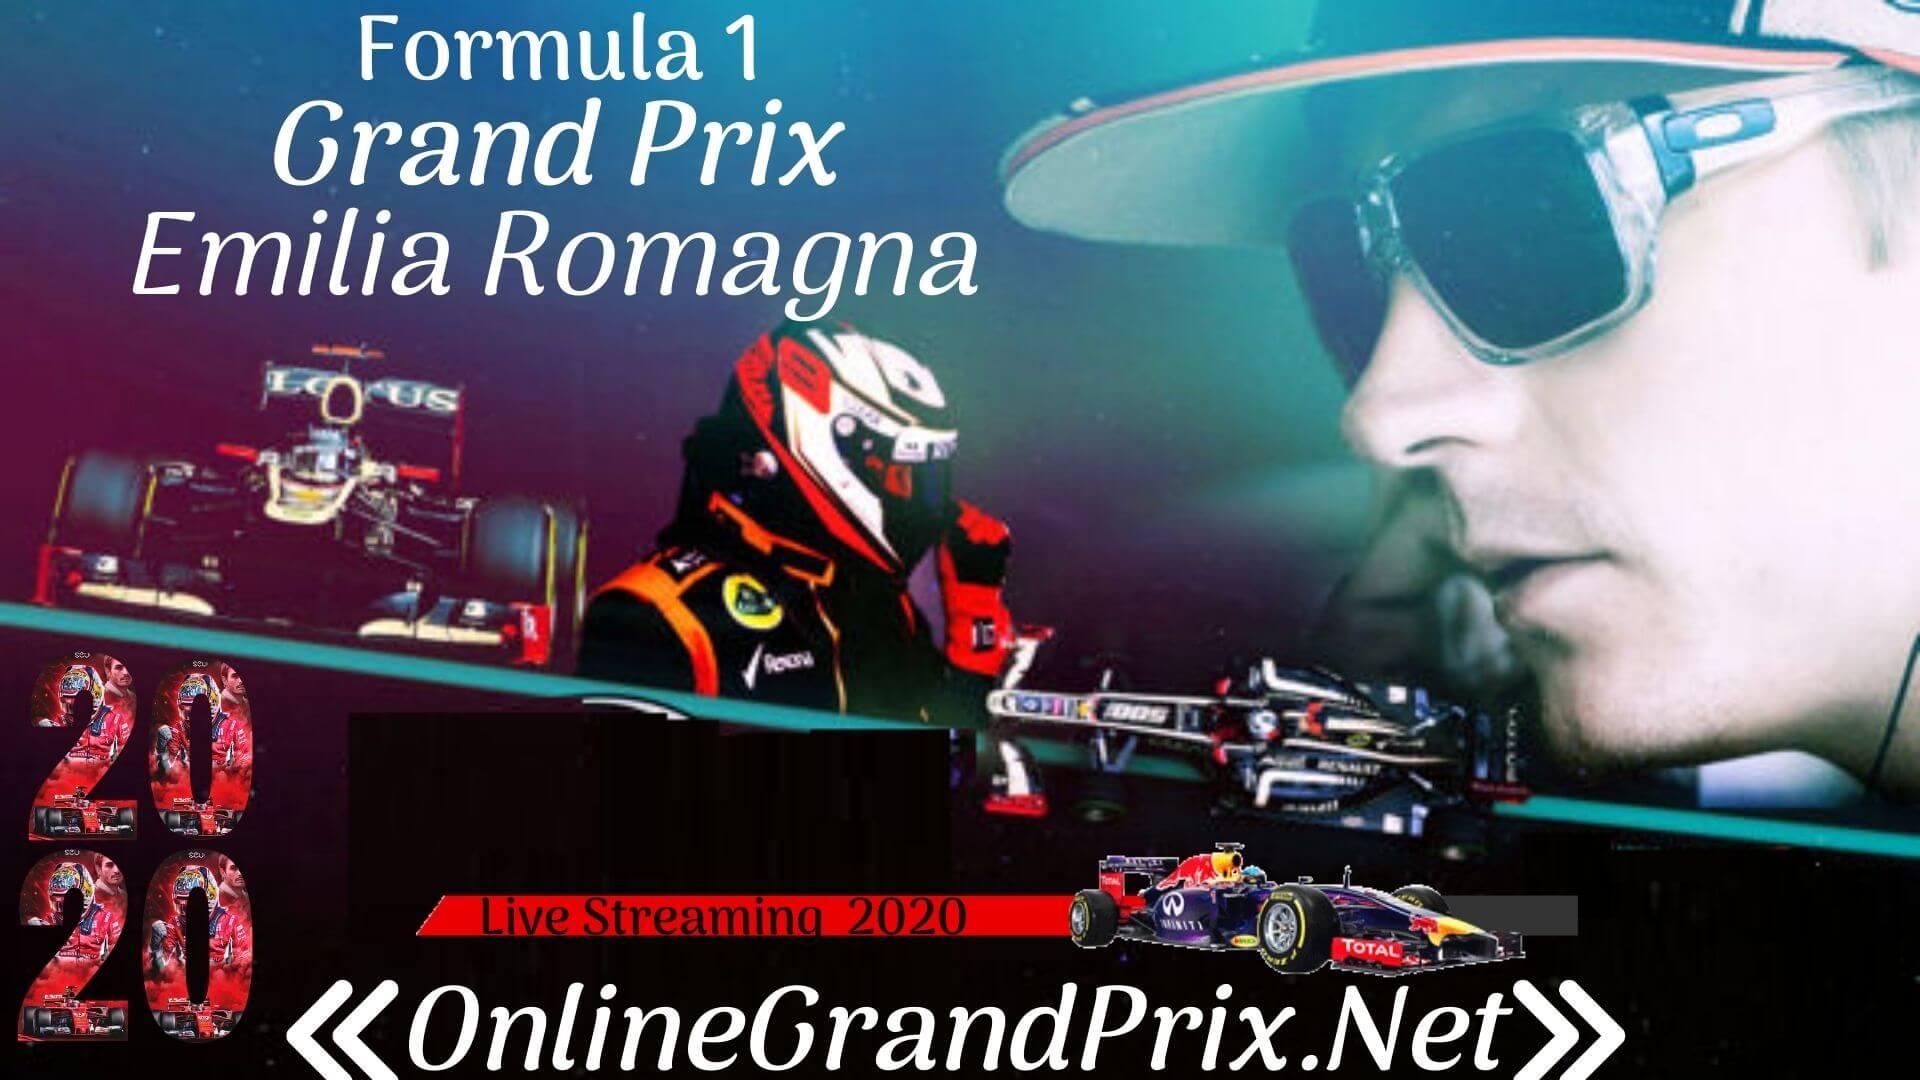 Emilia Romagna GP Live Stream